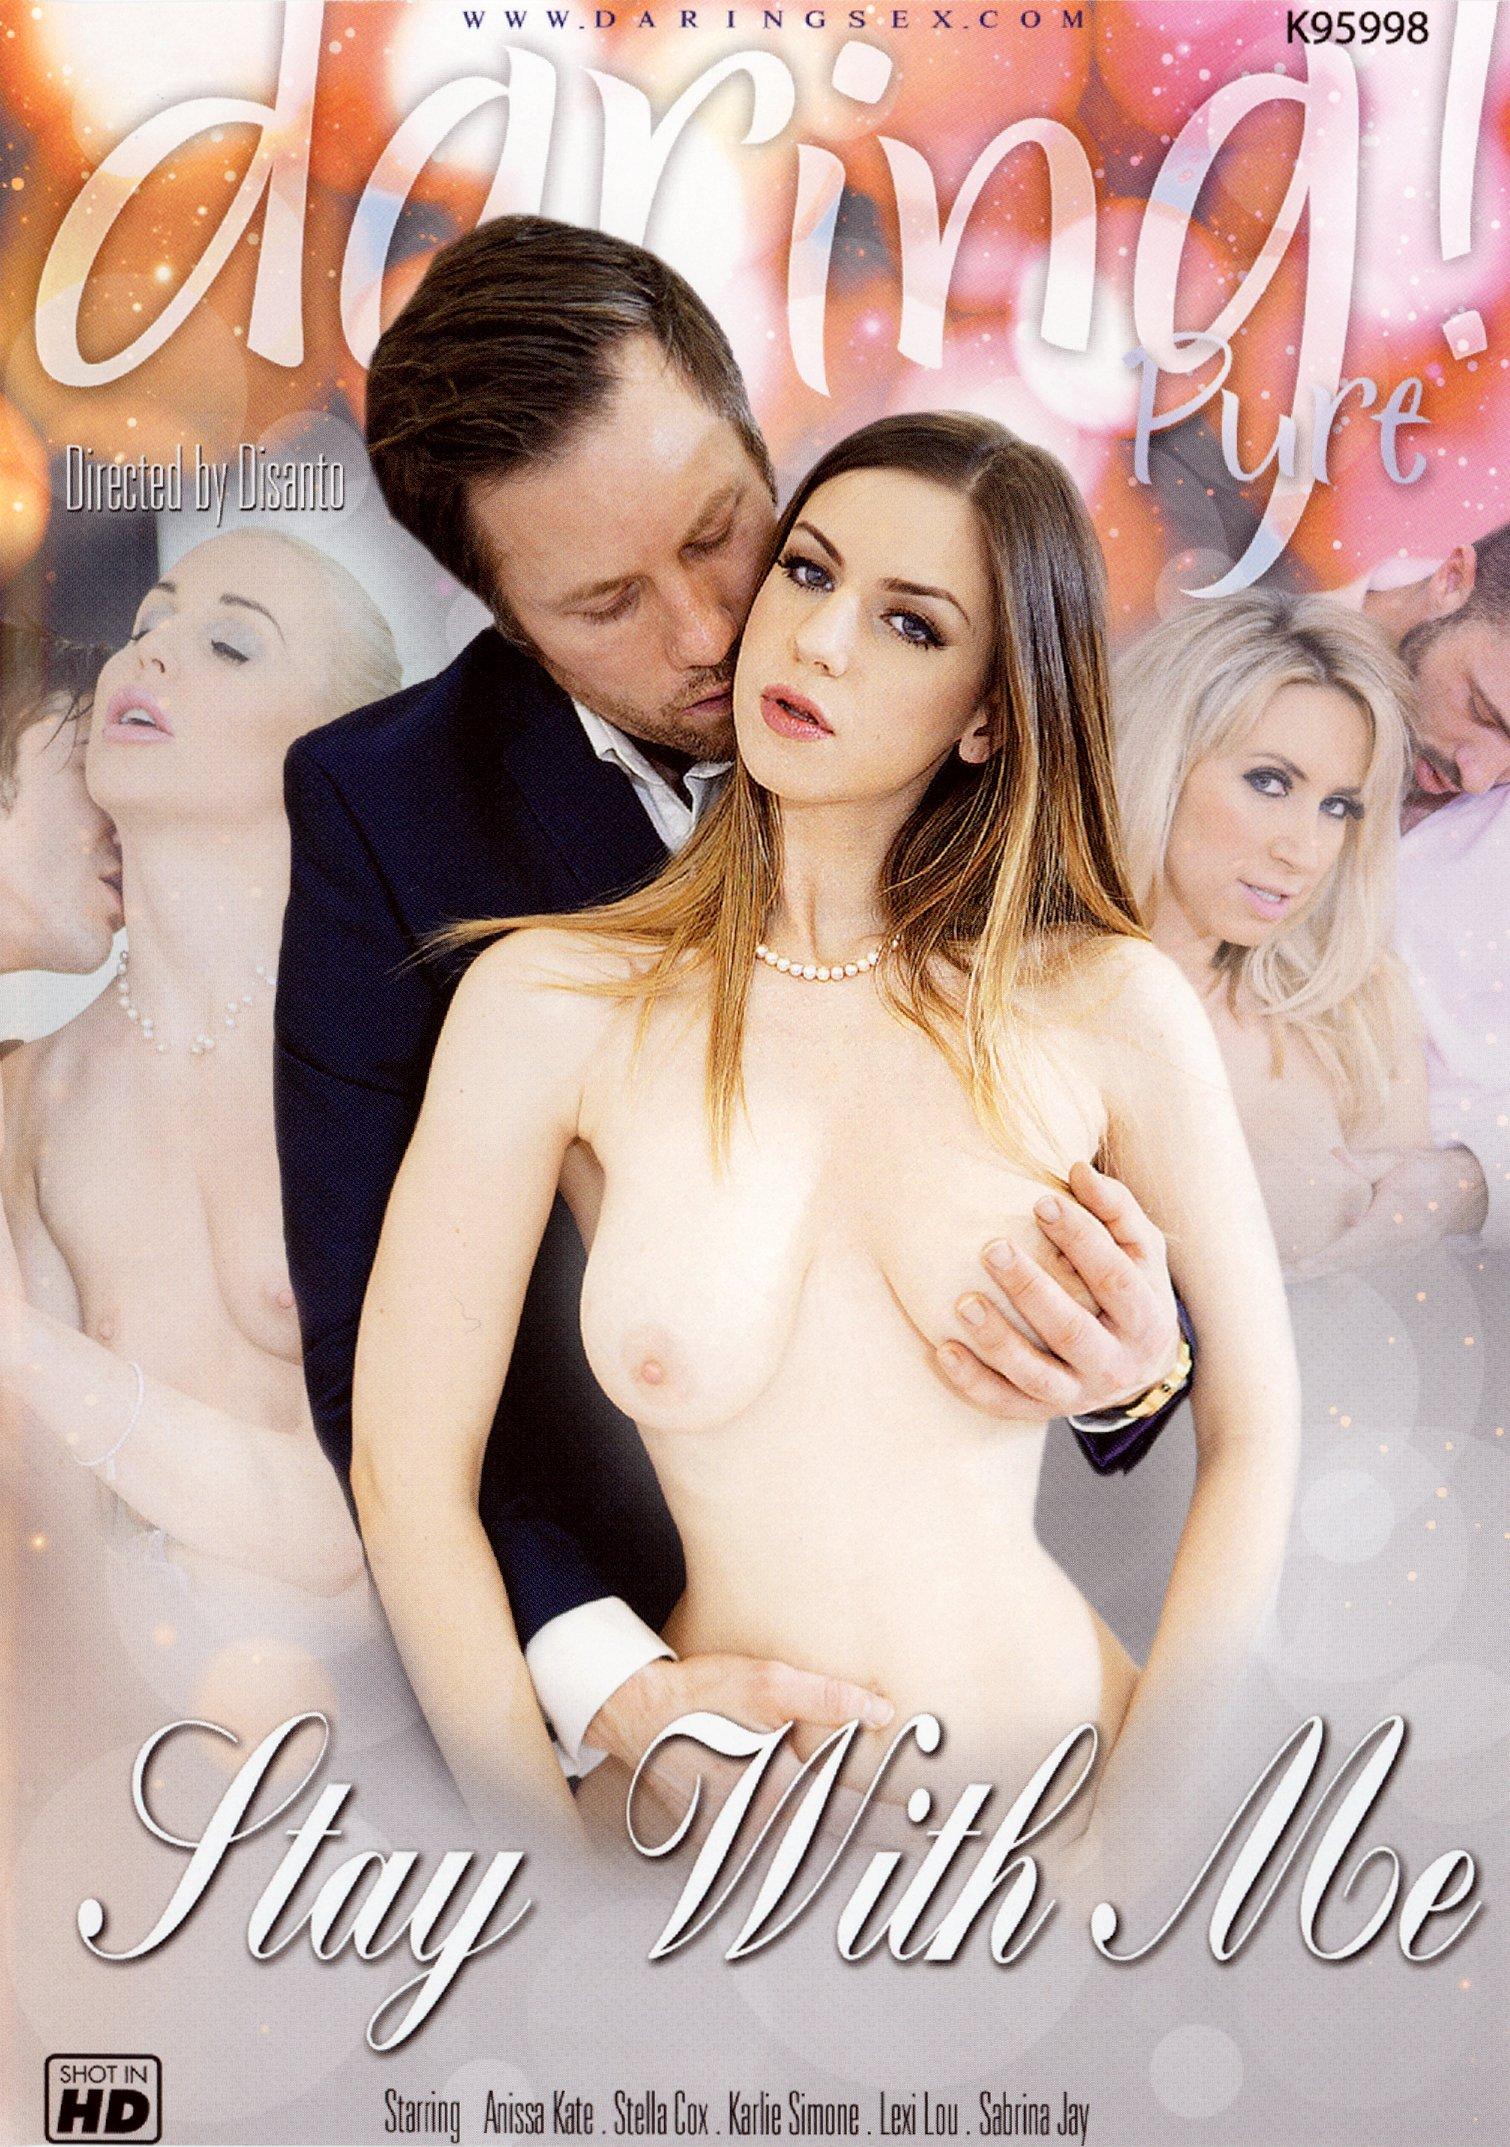 Adult movie porno clip